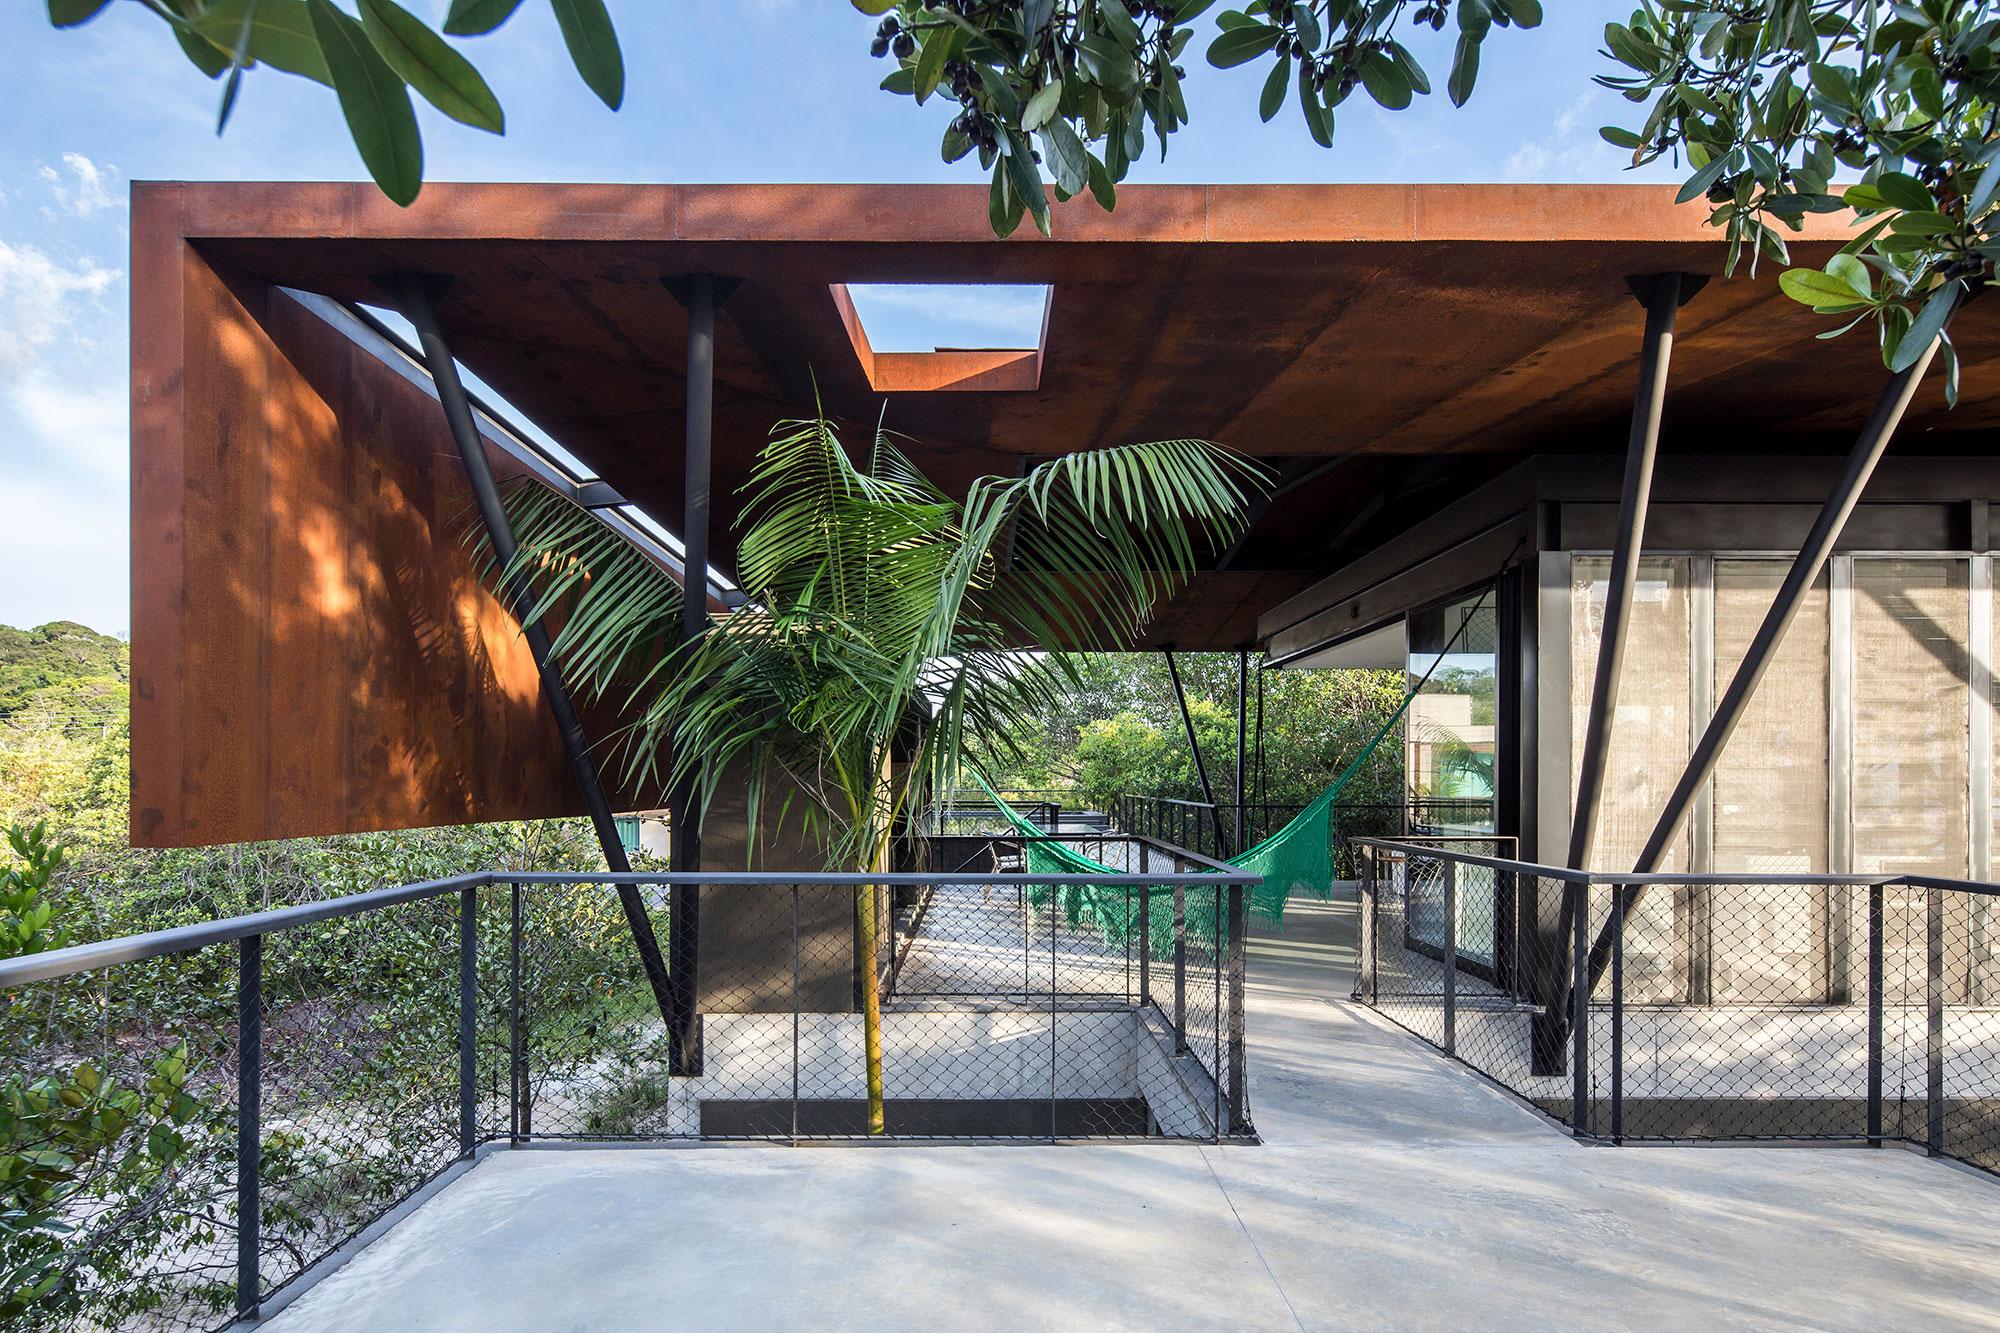 casa campinarana amazonia manaus arquitetura sustentável sustentabilidade amazonas jardim